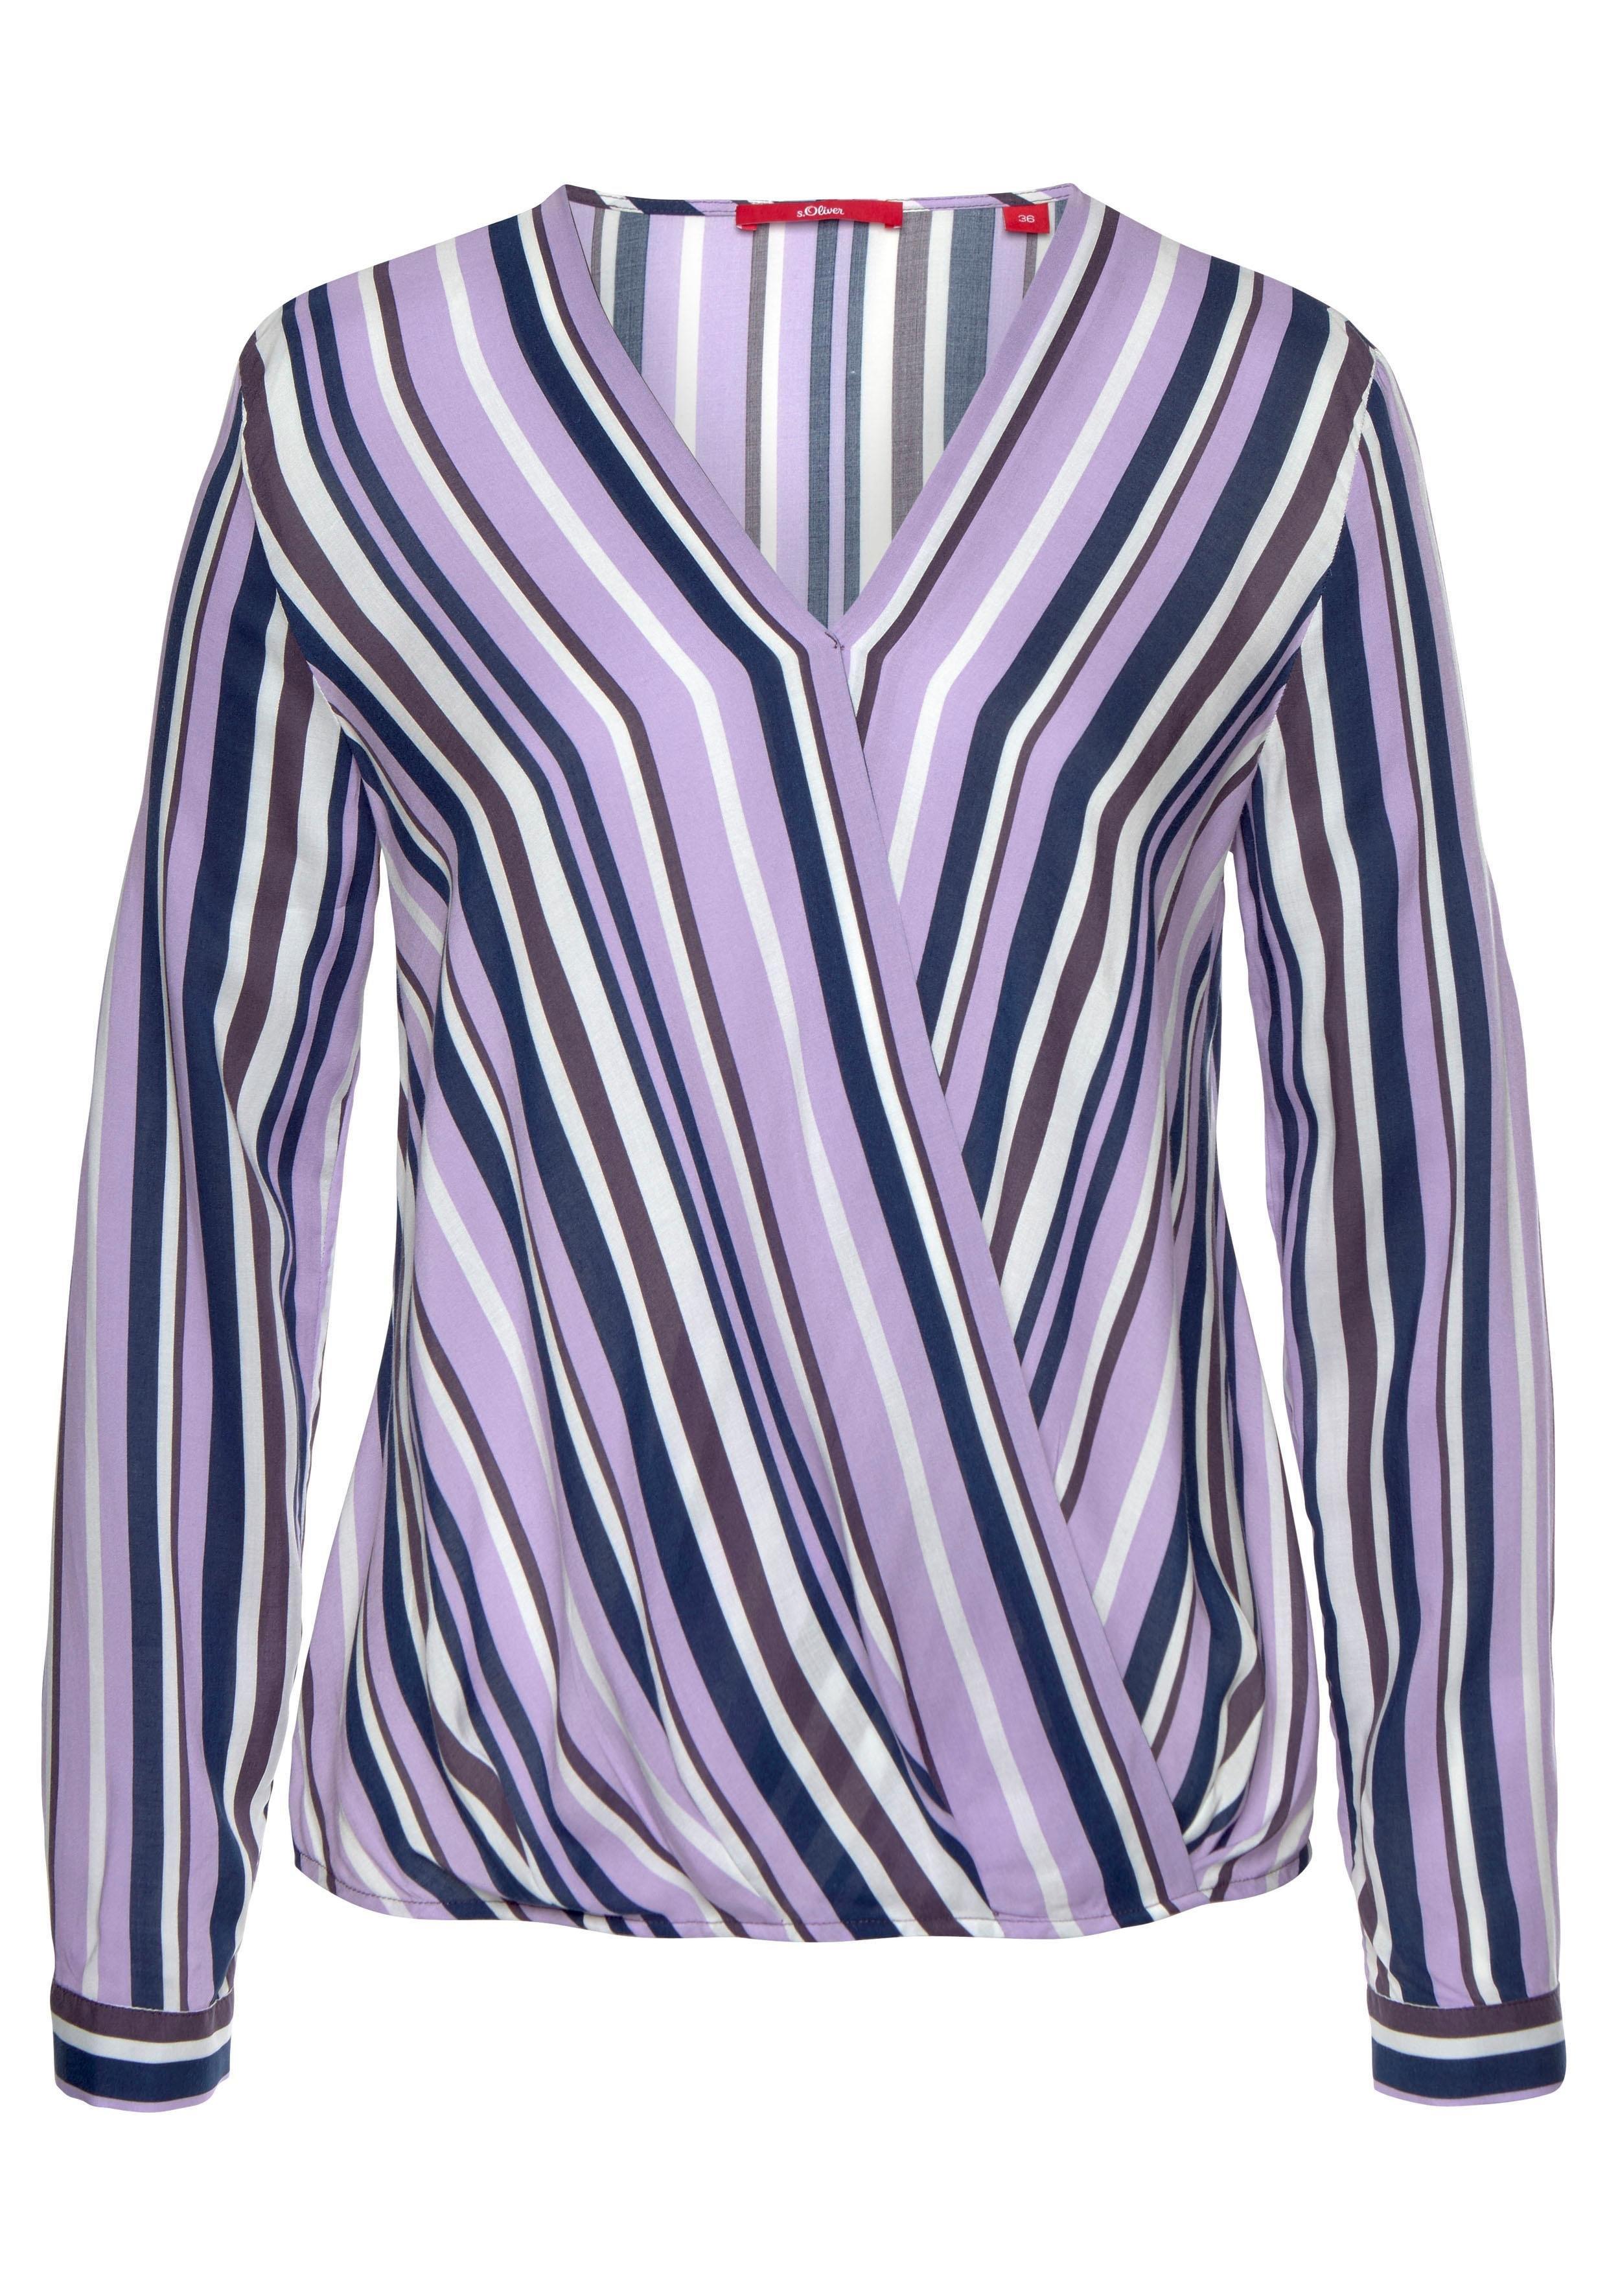 s.Oliver RED LABEL gedessineerde blouse bestellen: 14 dagen bedenktijd